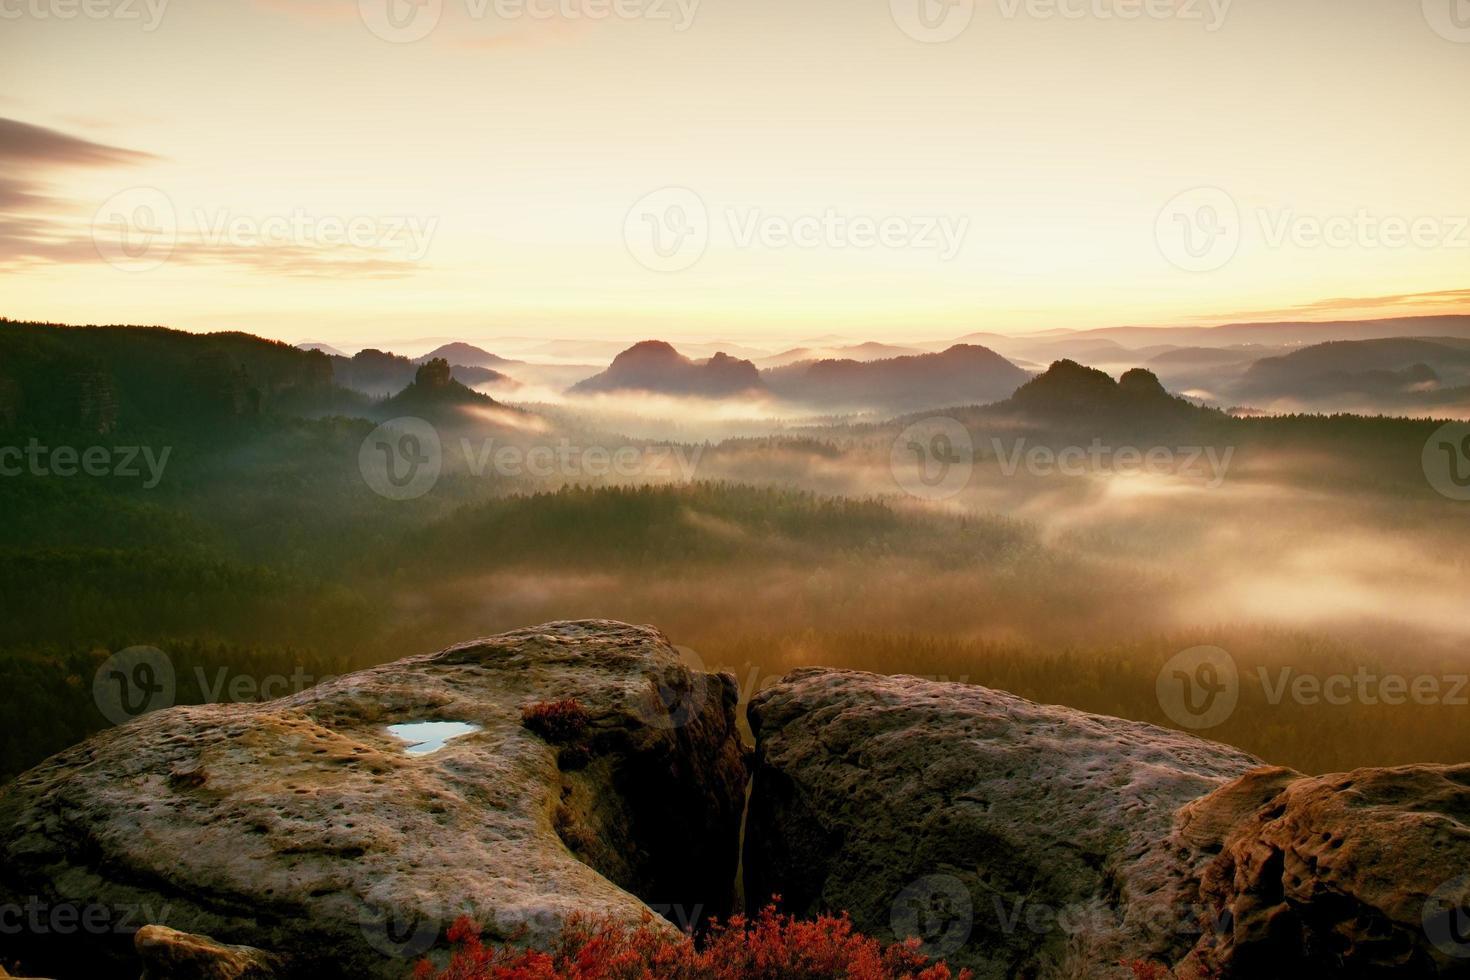 Kleiner Winterberg utsikt. fantastisk drömmande soluppgång i steniga berg foto